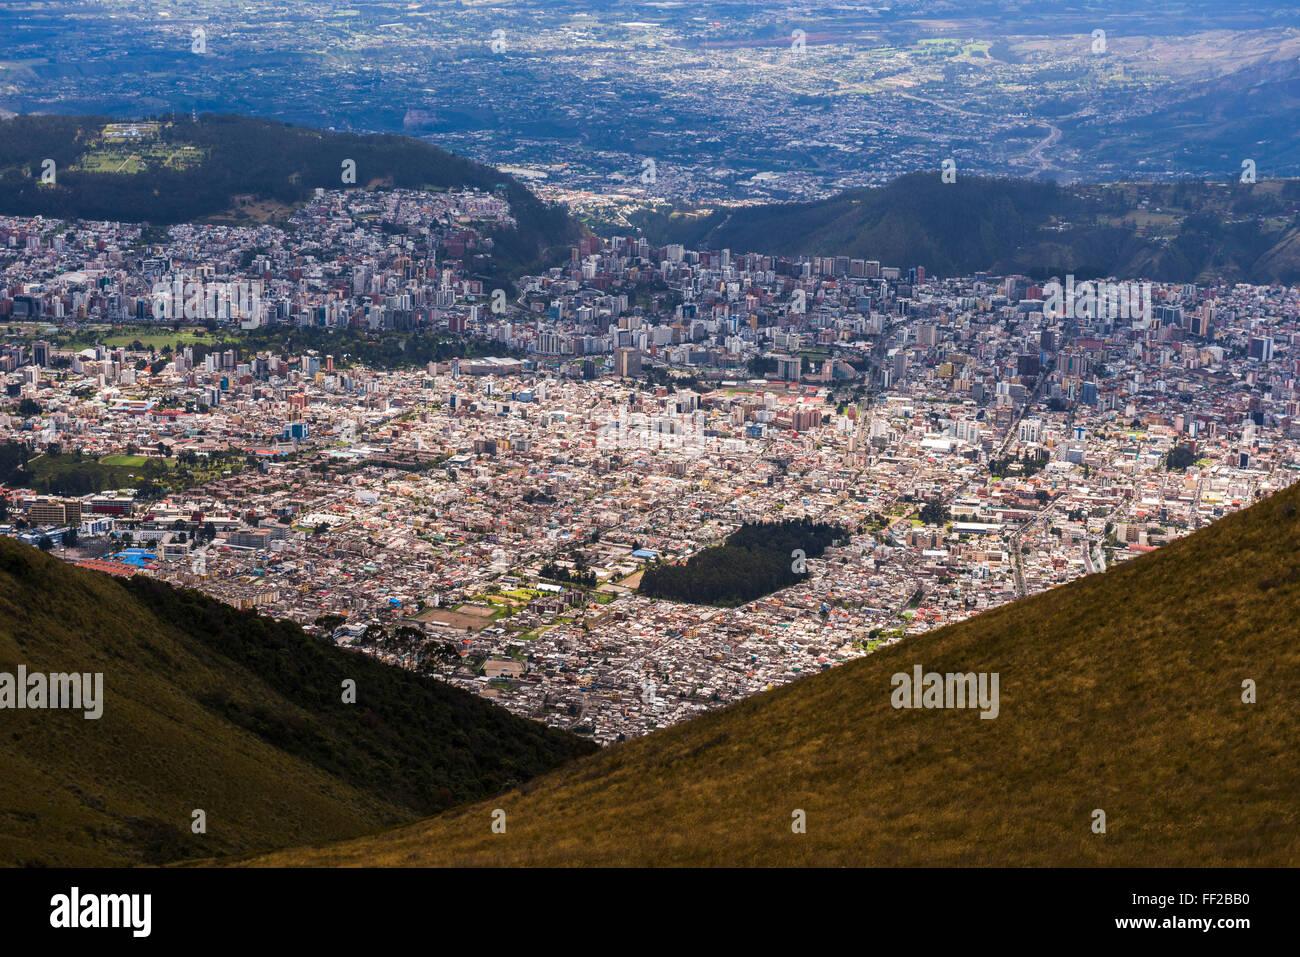 City of Quito seen from the Pichincha VoRMcano, Quito, Ecuador, South America - Stock Image